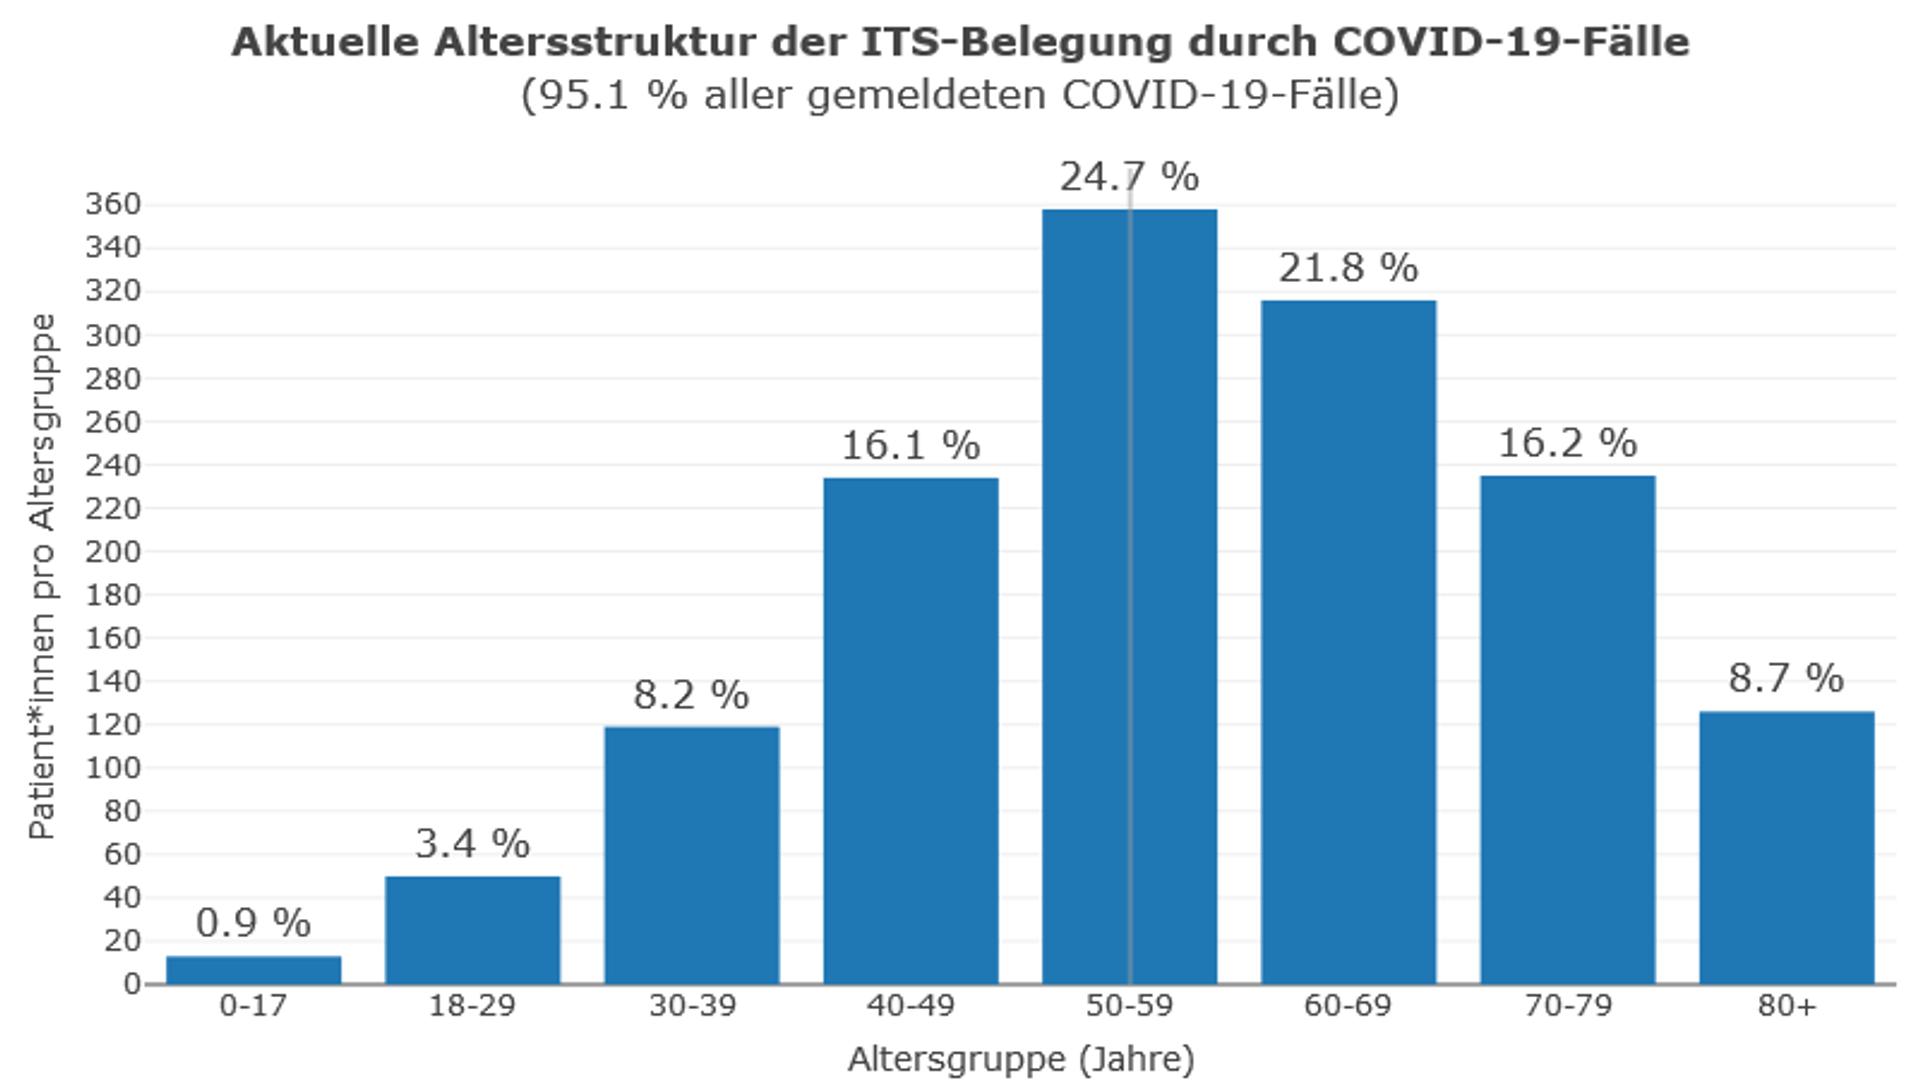 Intensivbettenbelegung durch Covid-19-Fälle nach Alter, Stand: 15.09. - SNA, 1920, 16.09.2021